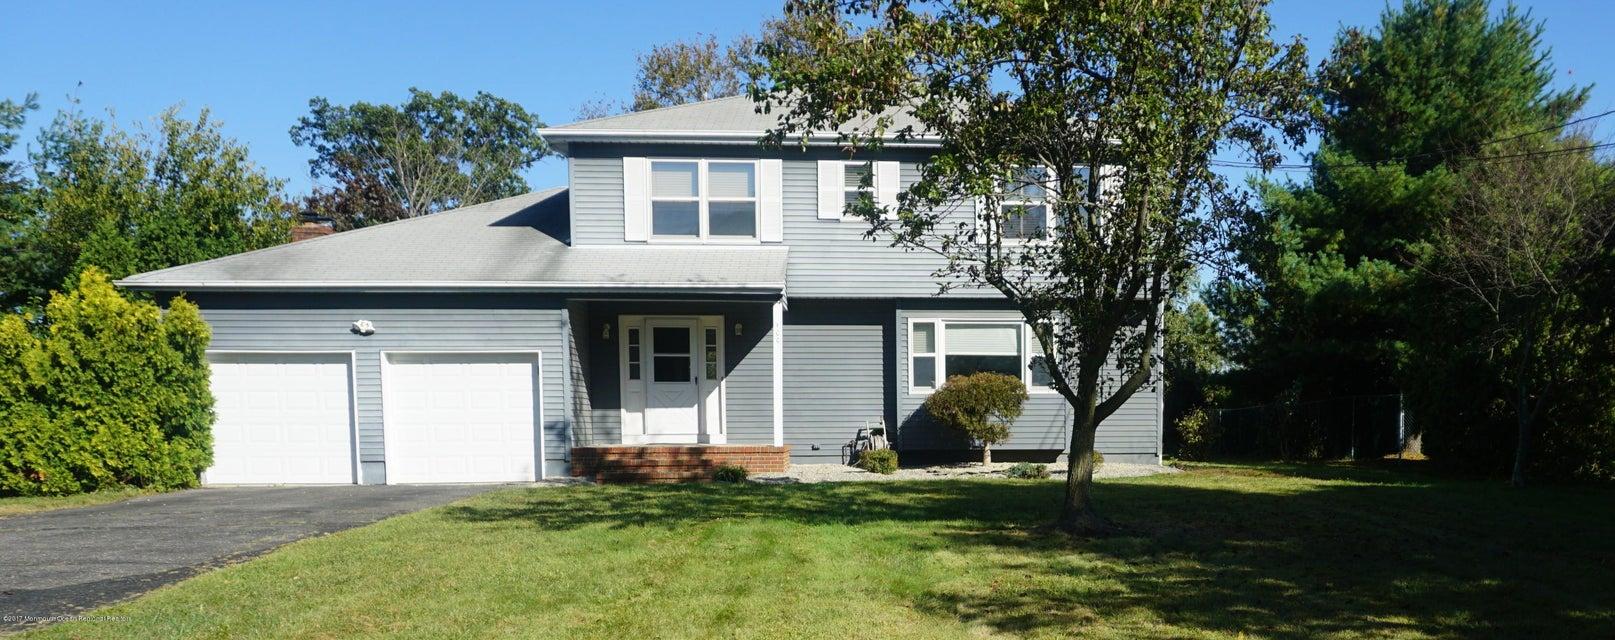 Casa para uma família para Venda às 100 Half Acre Road 100 Half Acre Road Monroe, Nova Jersey 08831 Estados Unidos